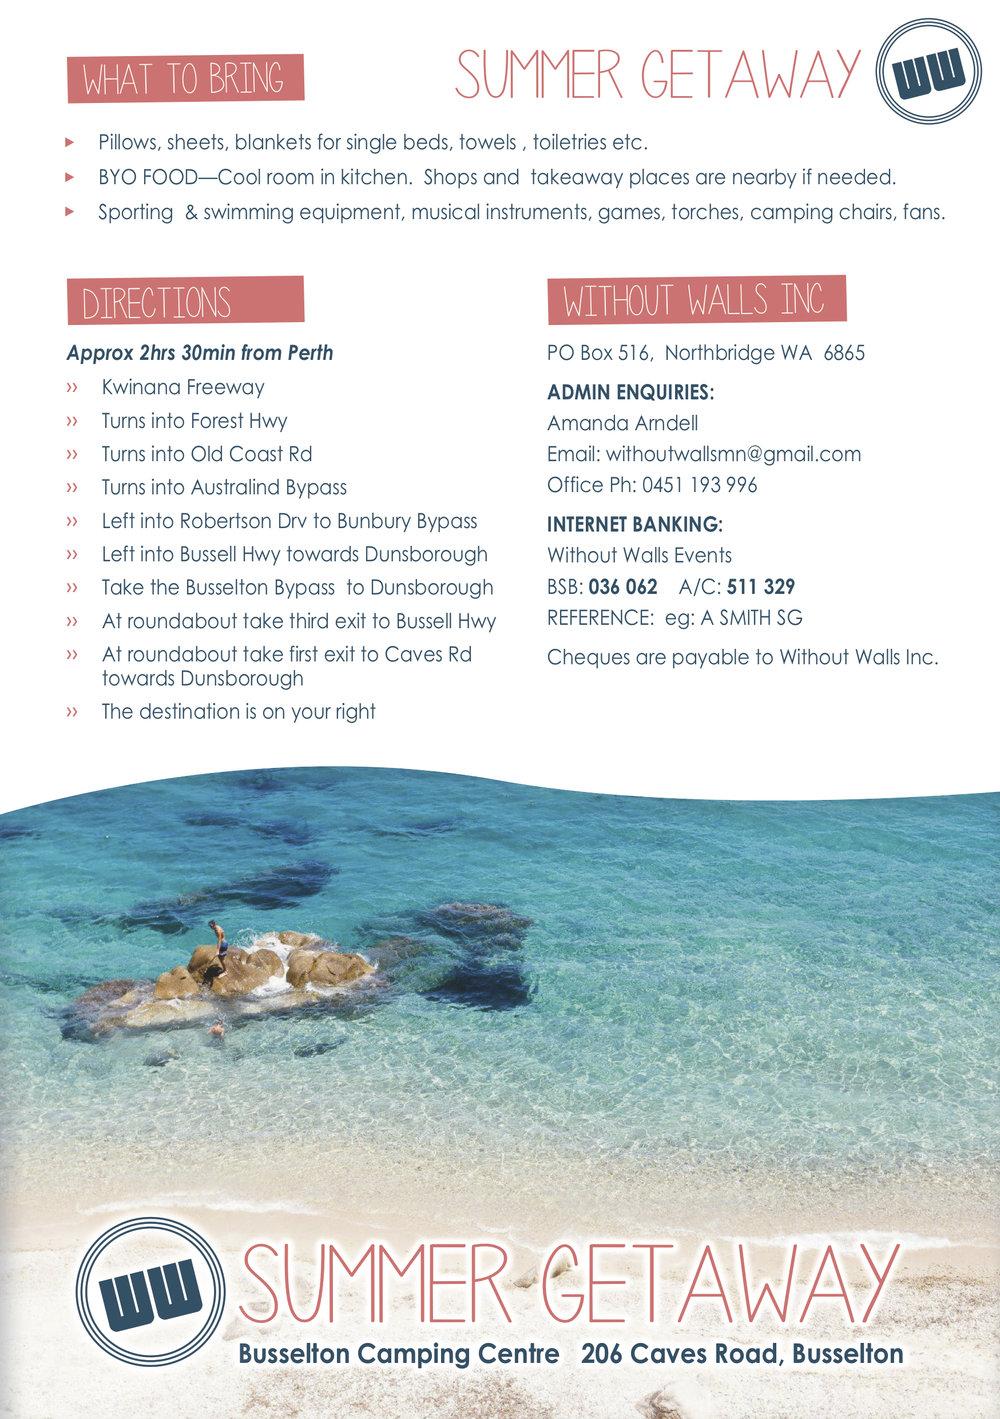 J600_Summer Getaway Registration Flyer2 (2).jpg